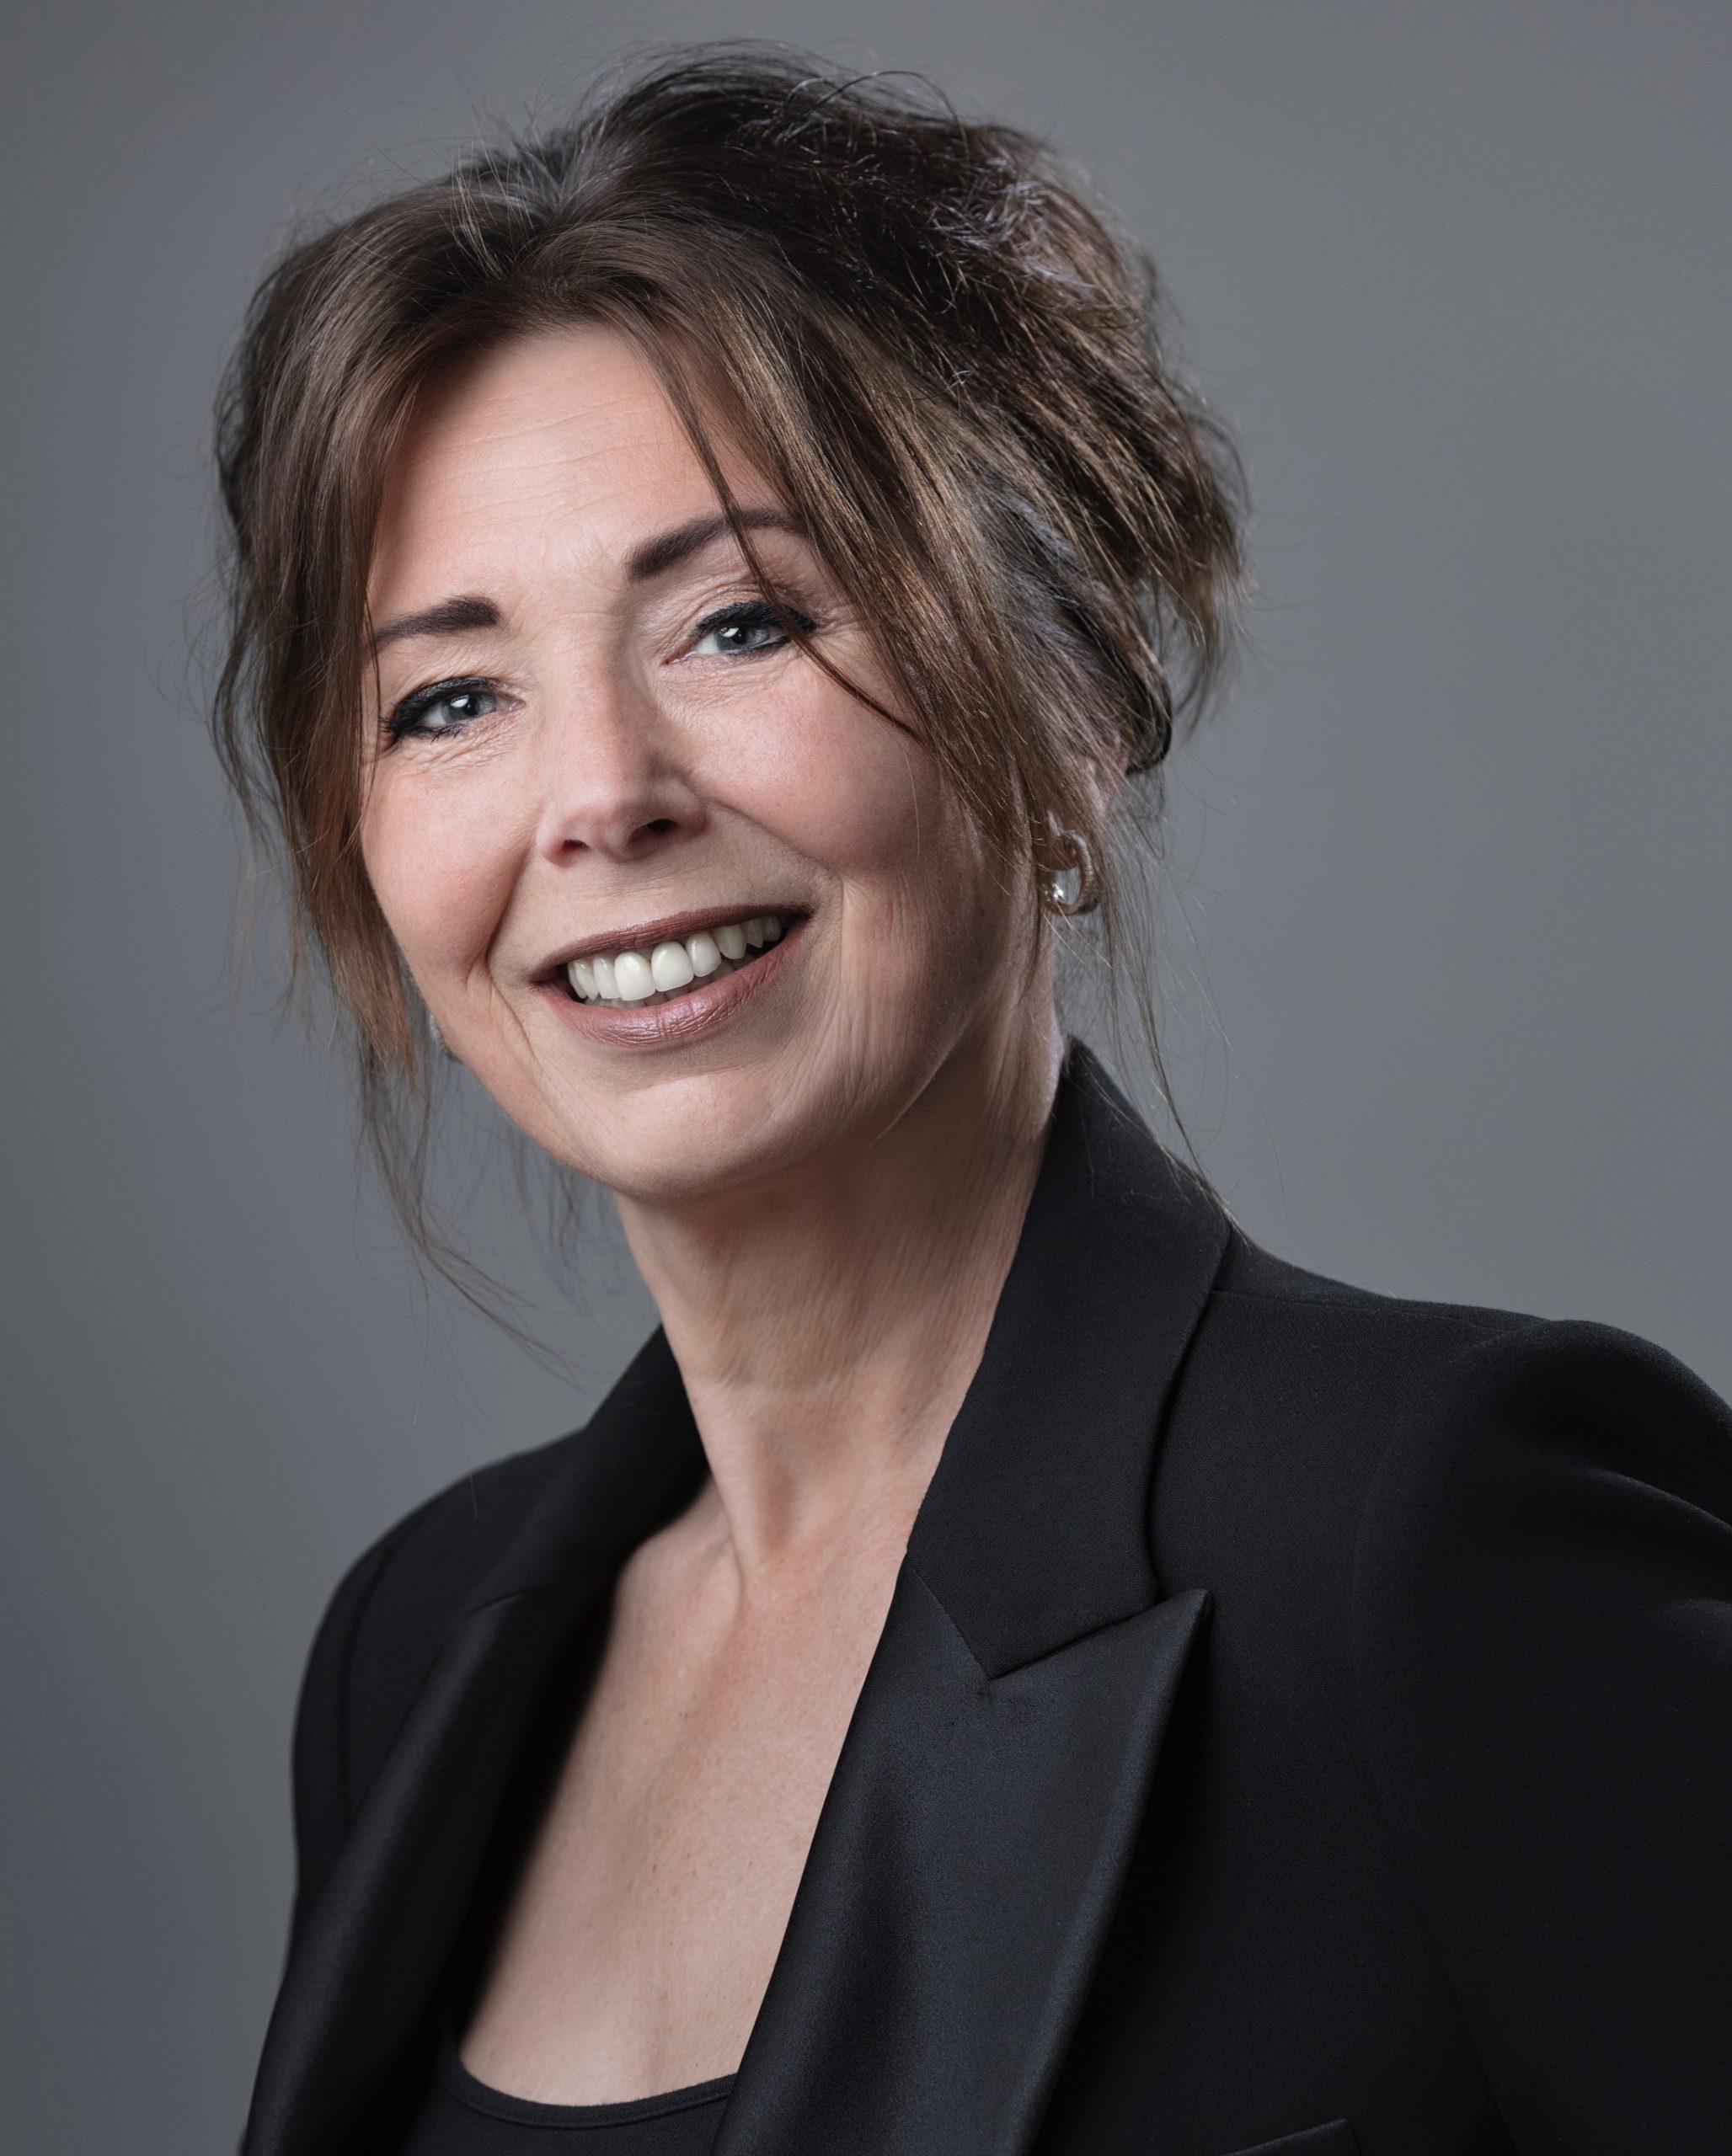 Marjan de Bock-Smit